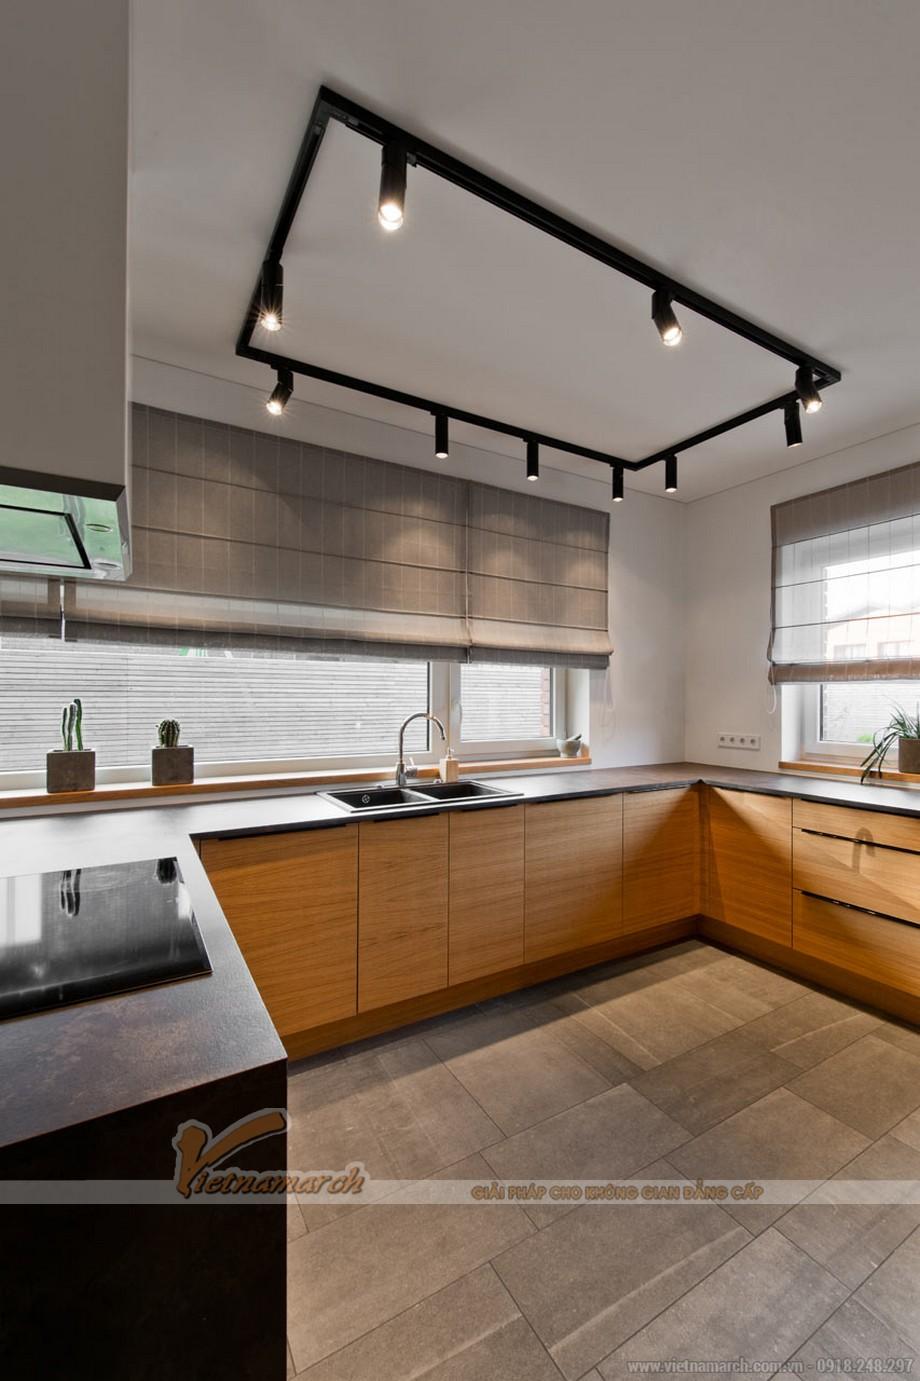 Thiết kế nội thất phòng bếp trang nhã,sang trọng toát lên vẻ hiện đại với công nghệ cao